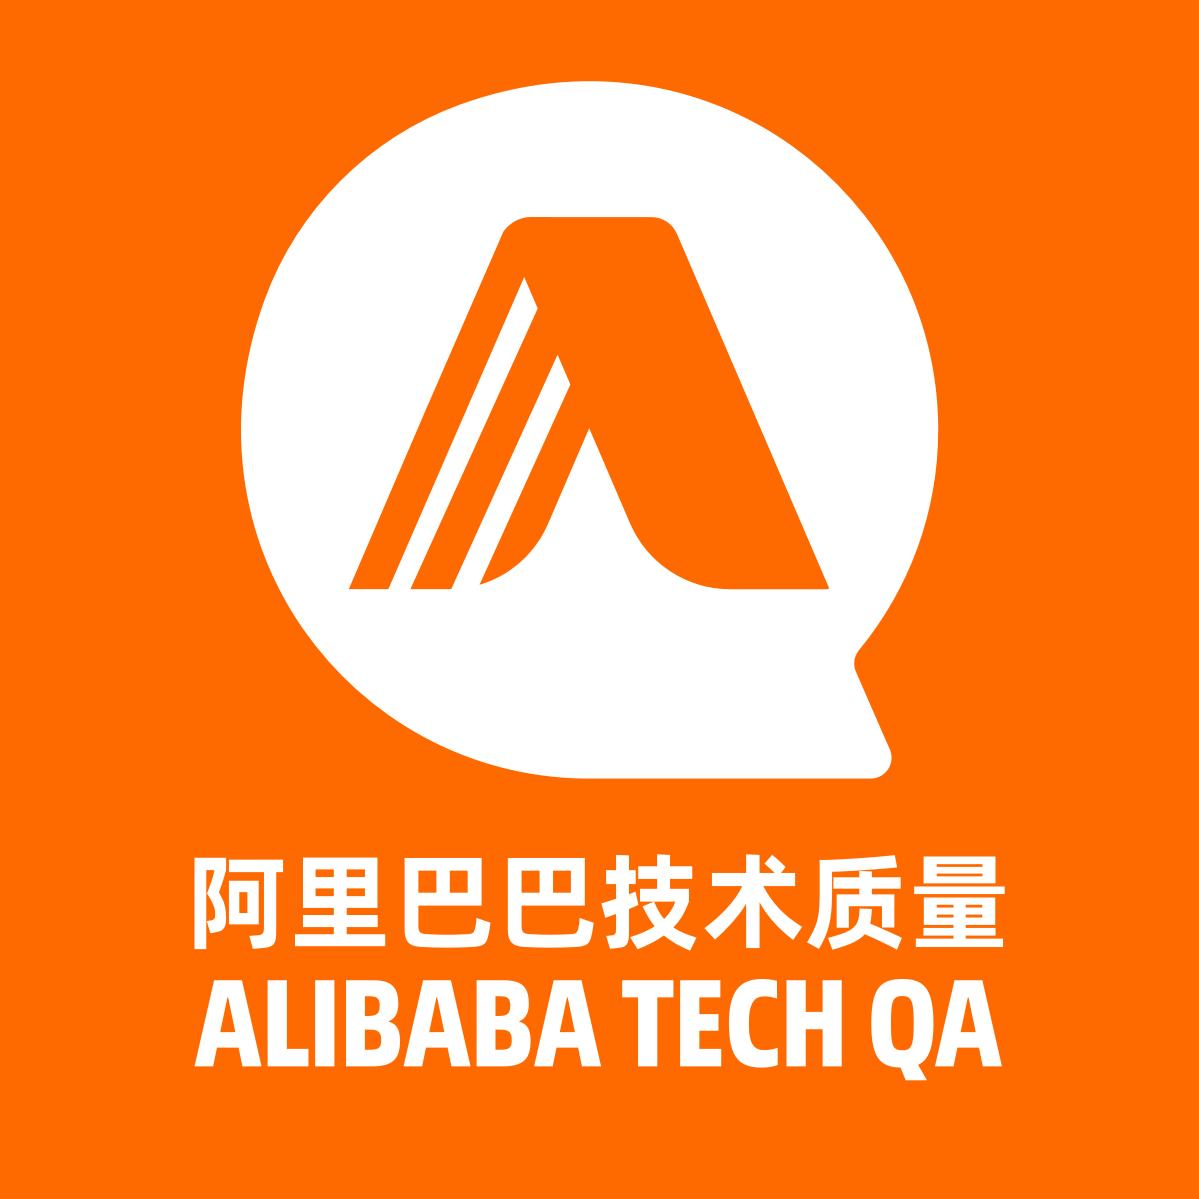 阿里巴巴技术质量